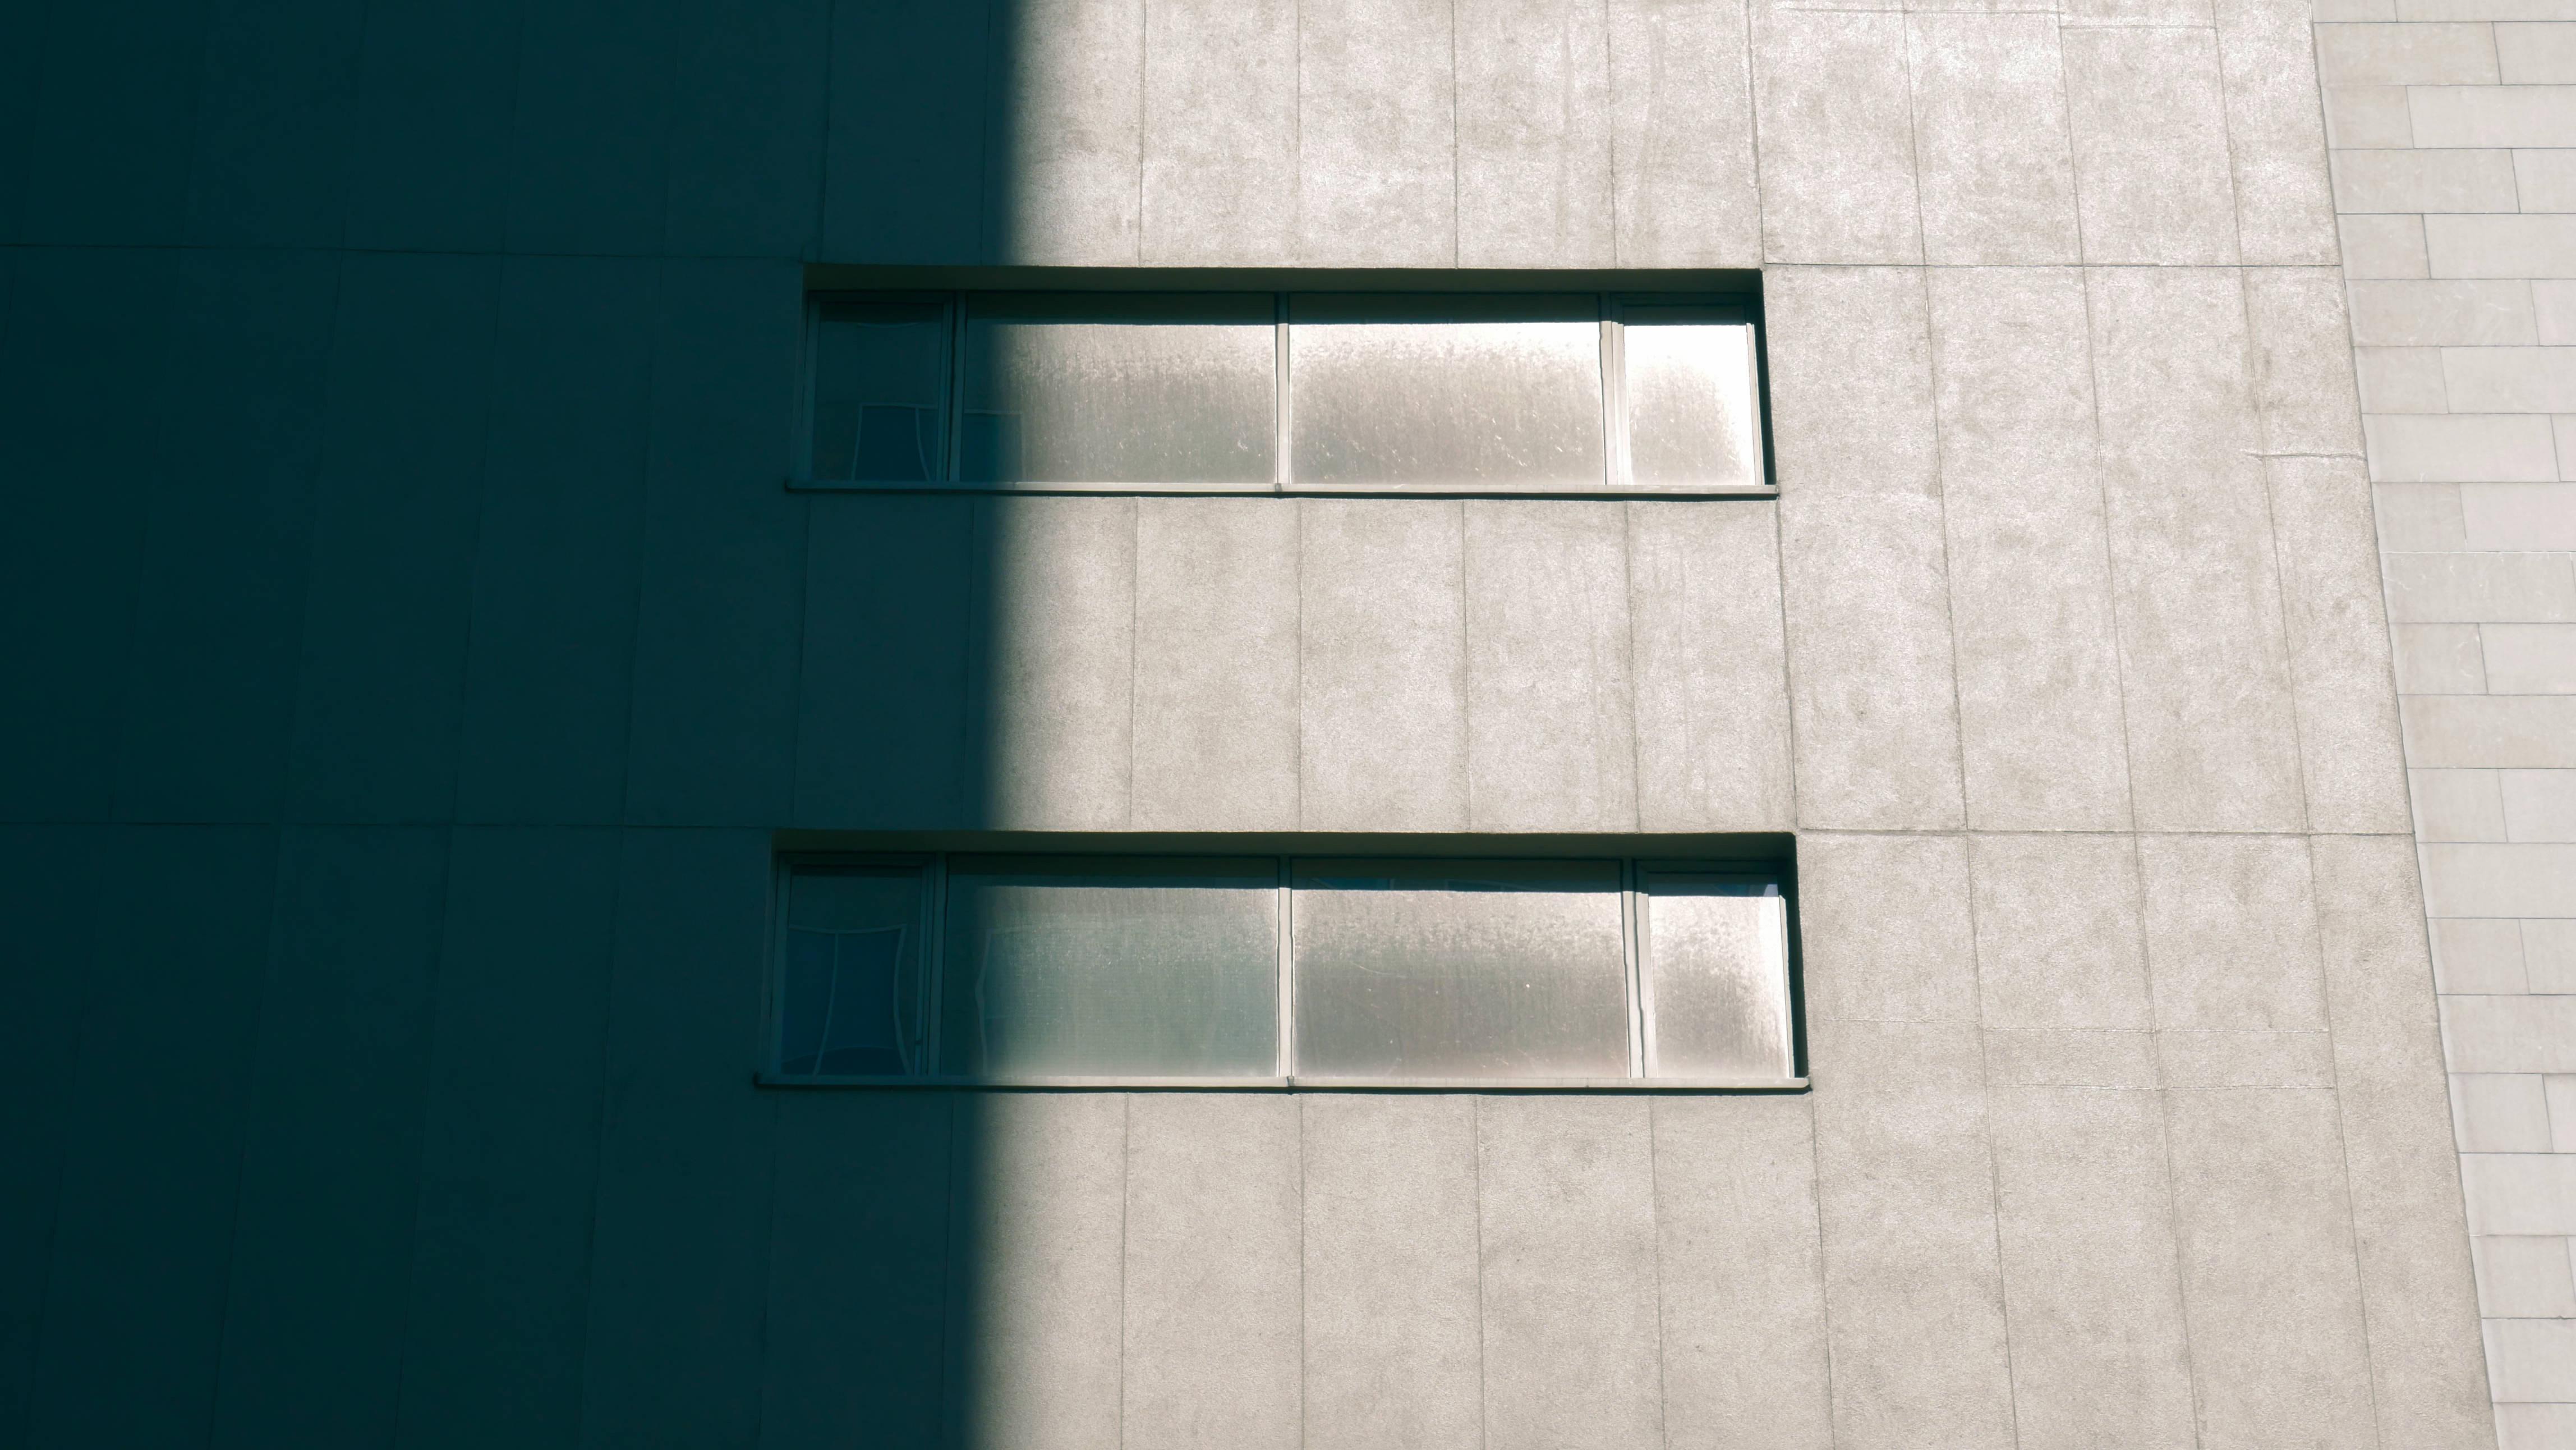 Immagini belle : bicchiere parete mensola mobilia illuminazione